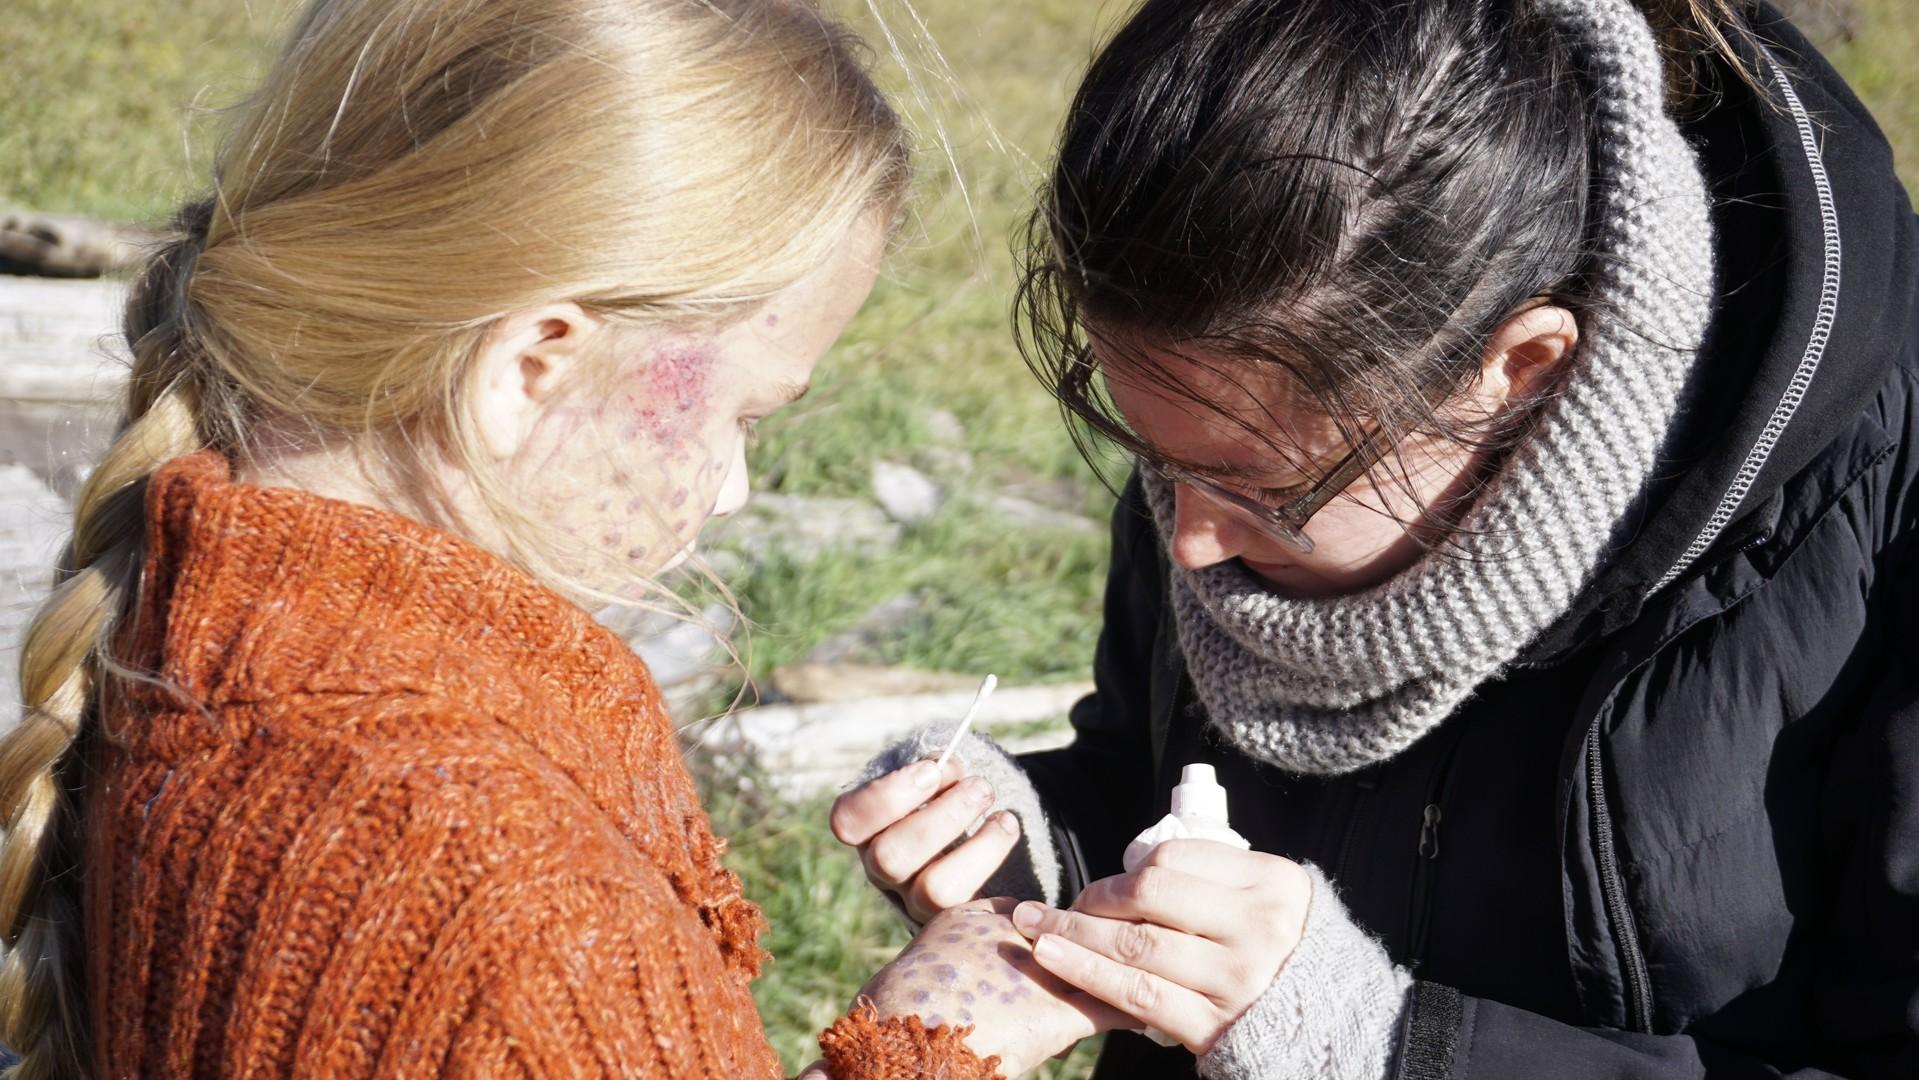 Kristin_touching_up_Merediths_makeup_2.jpg